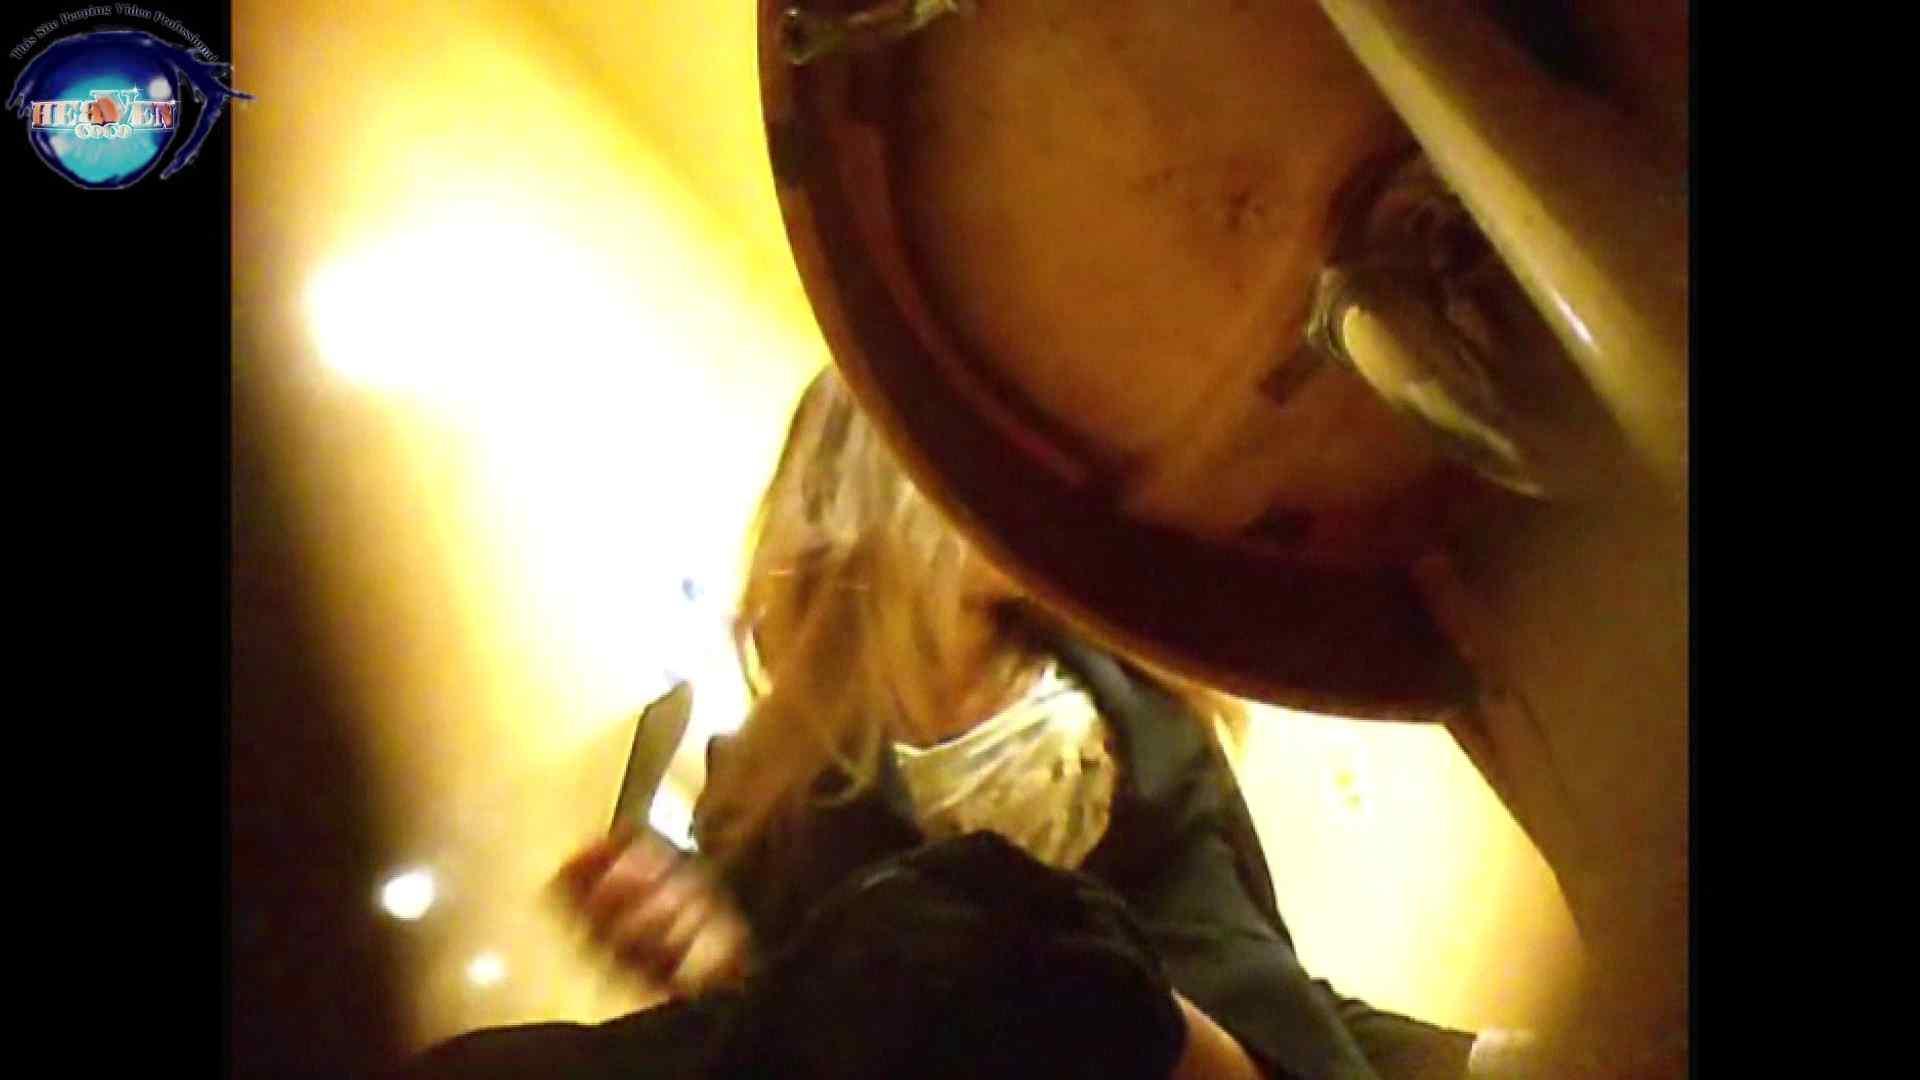 突撃!女子化粧室の真実vol.21 お姉さんのエロ動画 オマンコ動画キャプチャ 98PIX 14